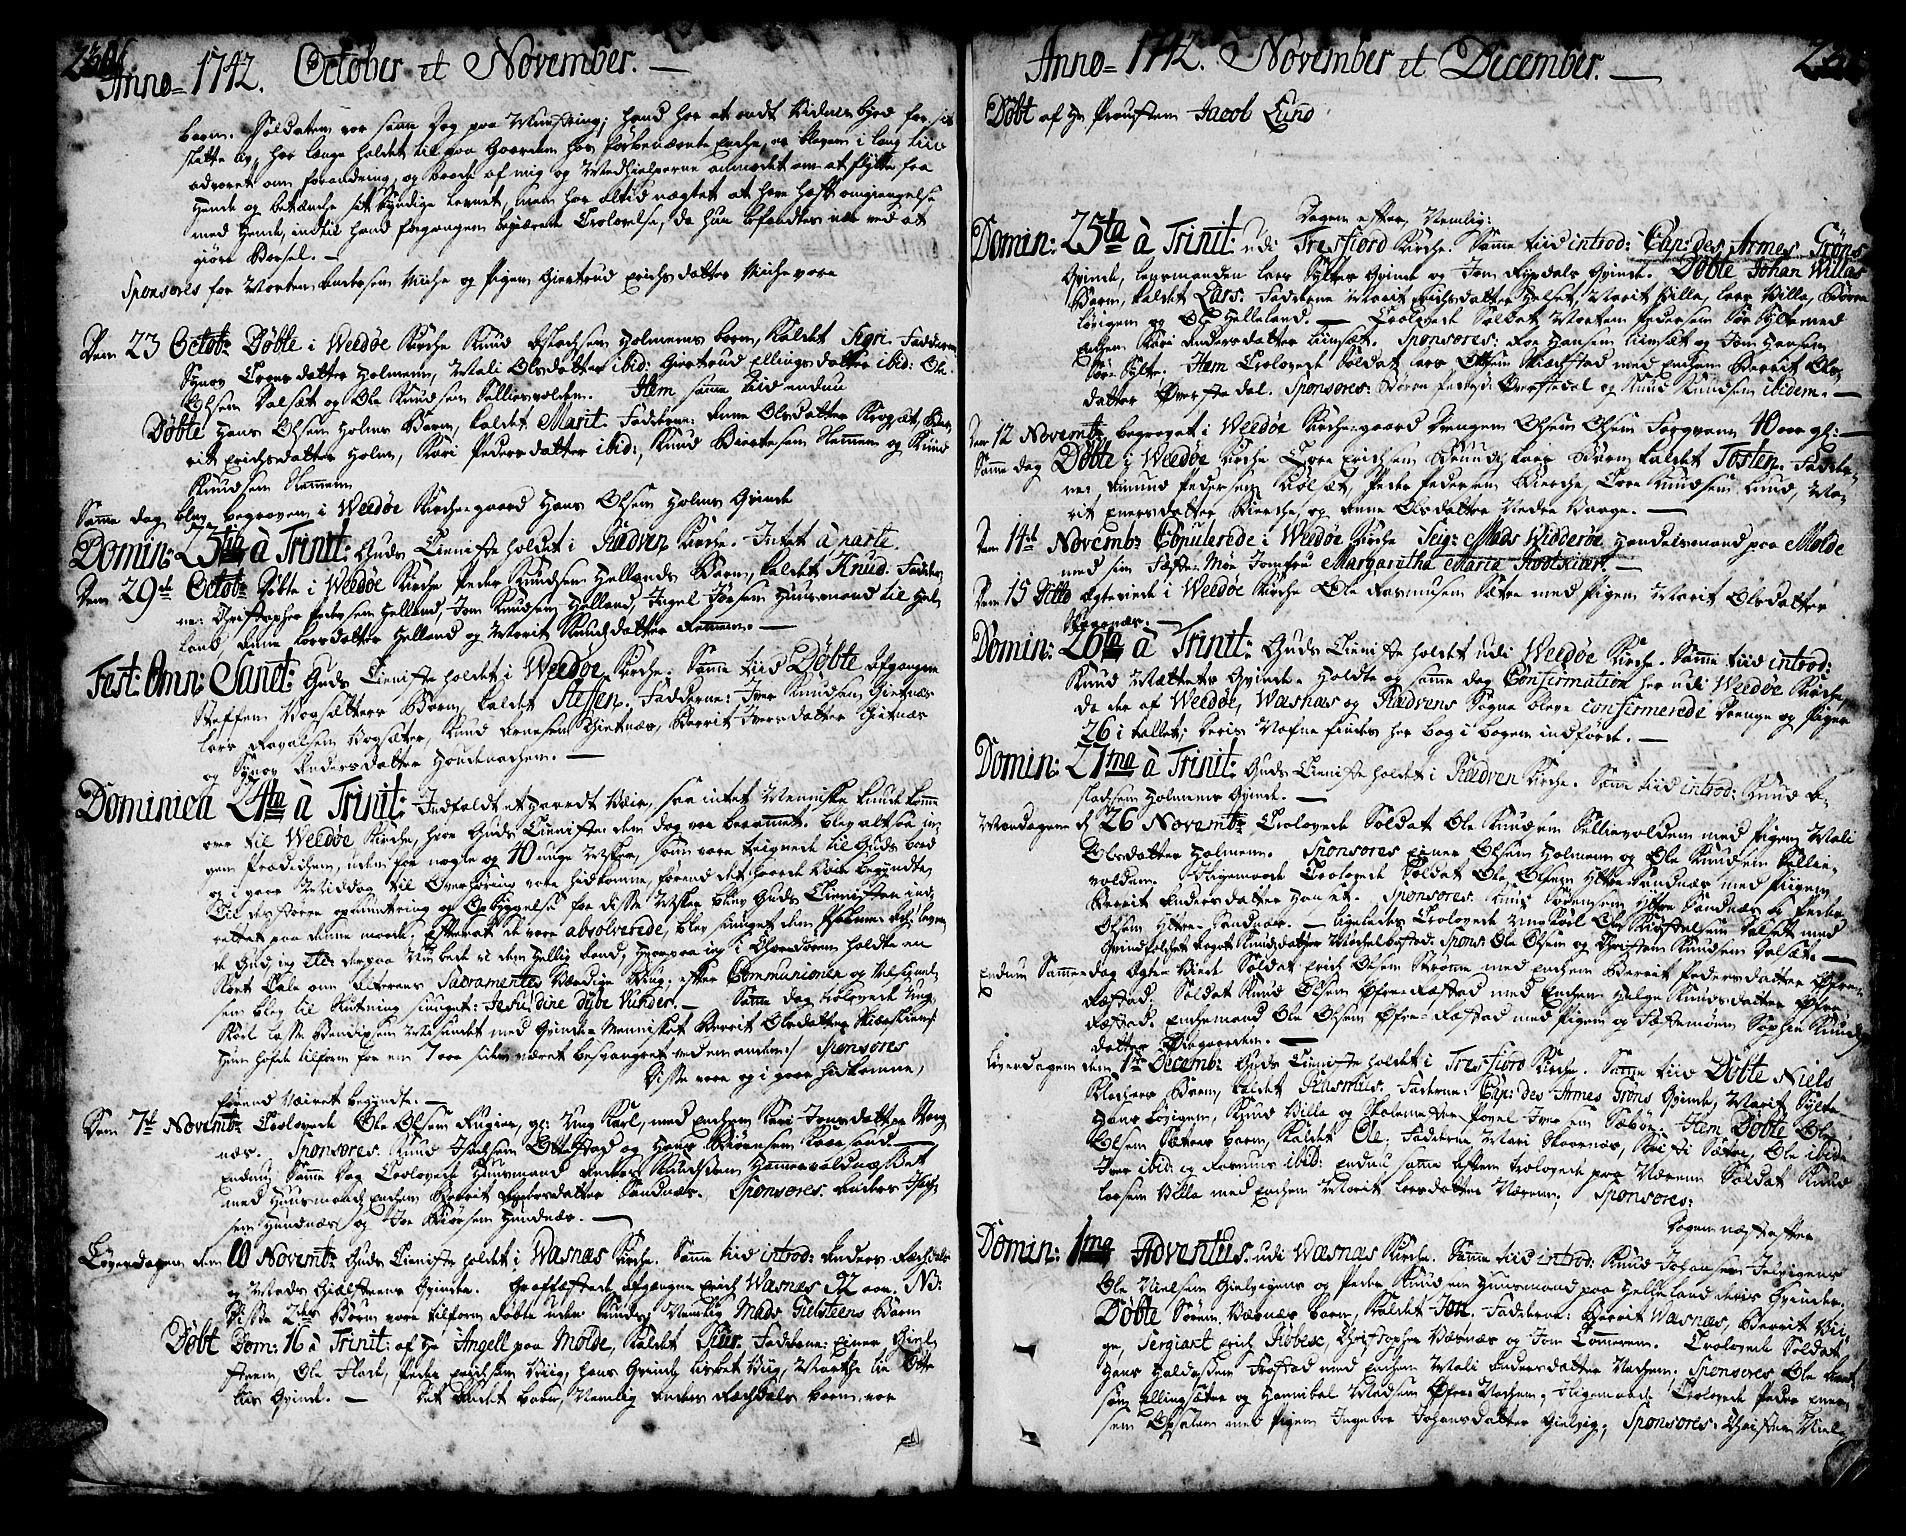 SAT, Ministerialprotokoller, klokkerbøker og fødselsregistre - Møre og Romsdal, 547/L0599: Ministerialbok nr. 547A01, 1721-1764, s. 230-231